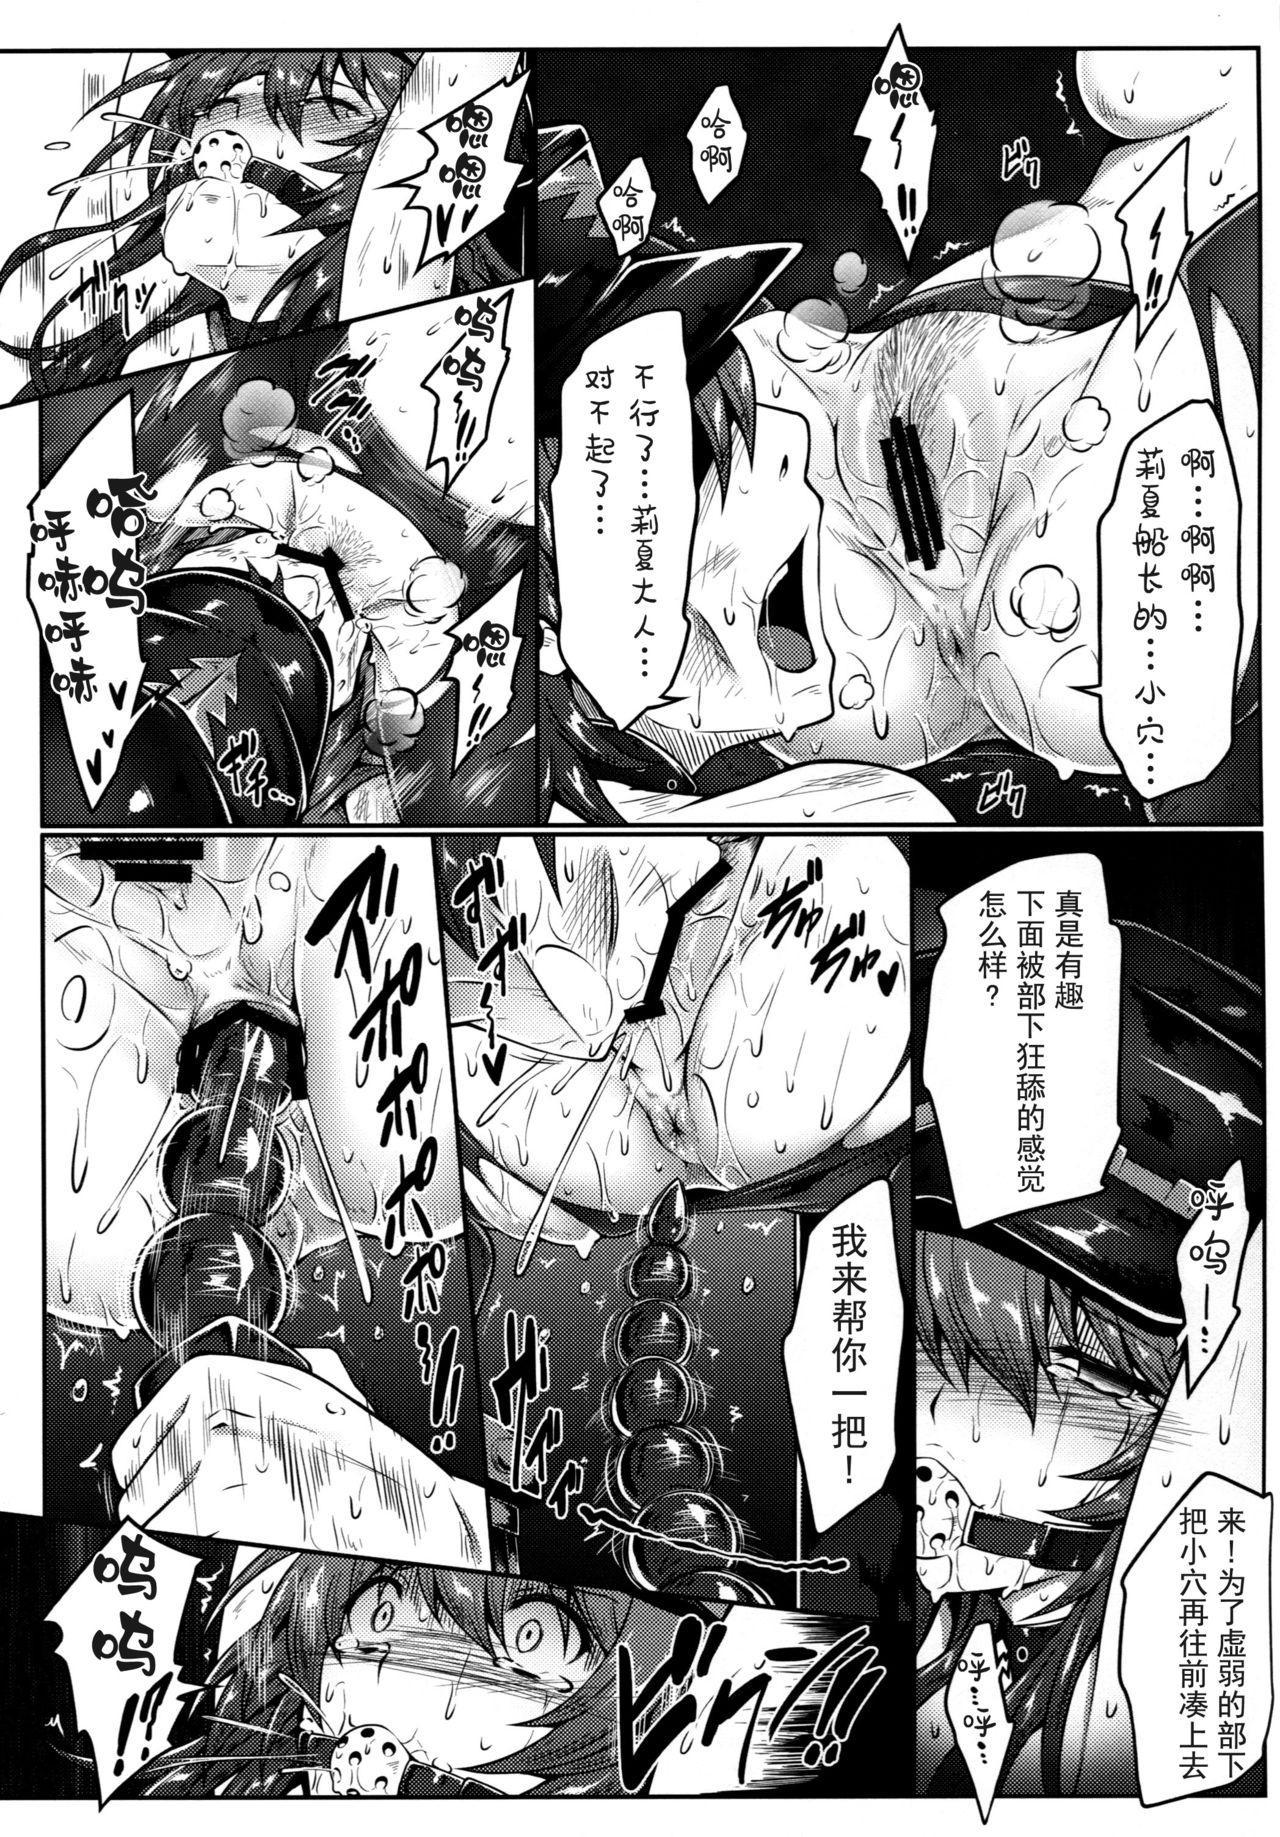 Watashi ga Mamoranakya... 13